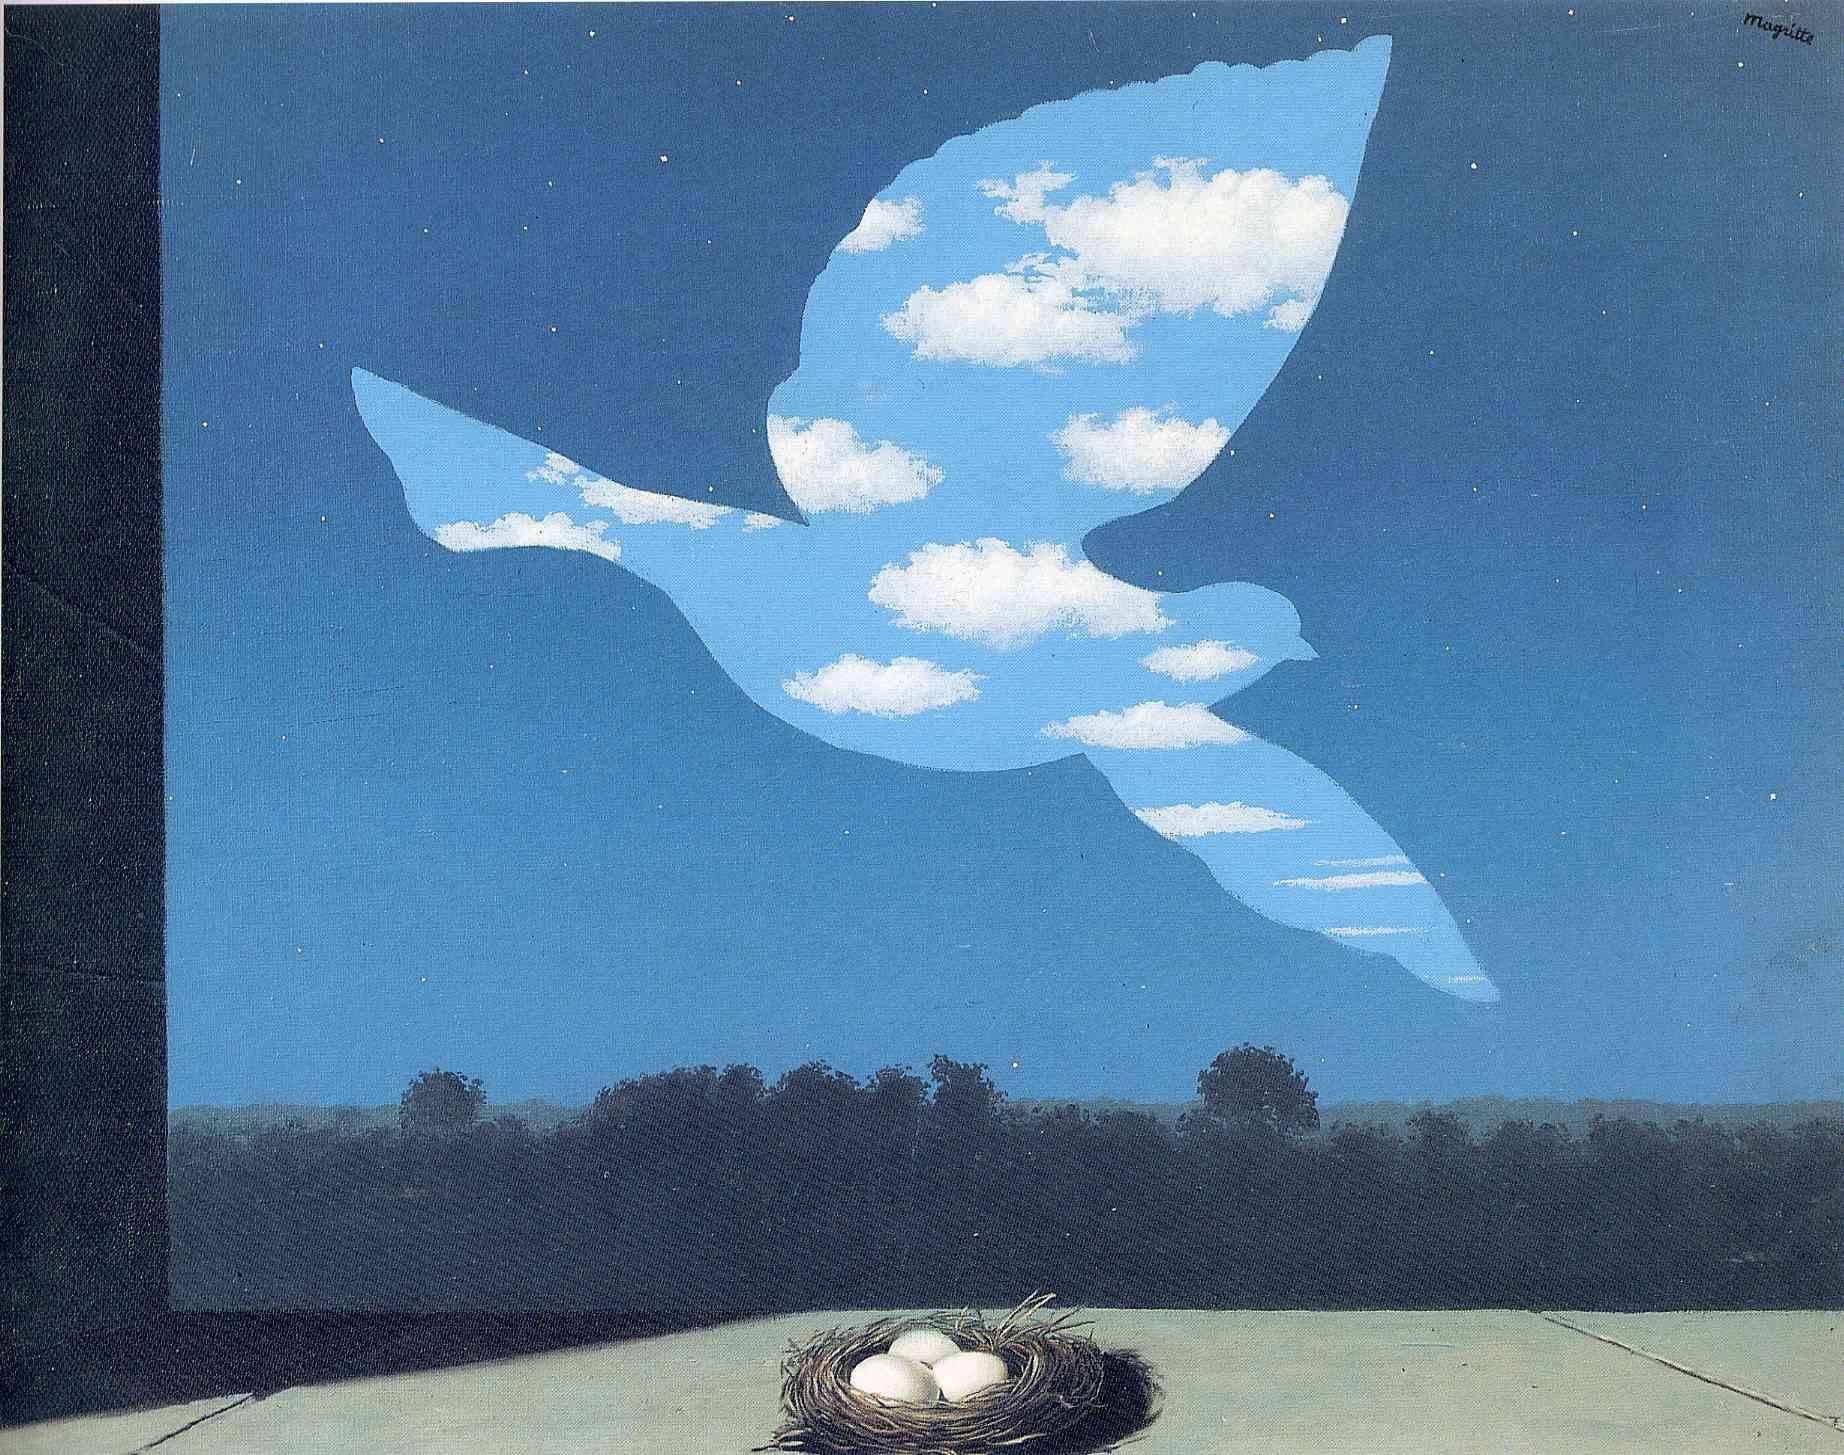 René Magritte Sa Peinture A Définitivement Renversé L Illusion De